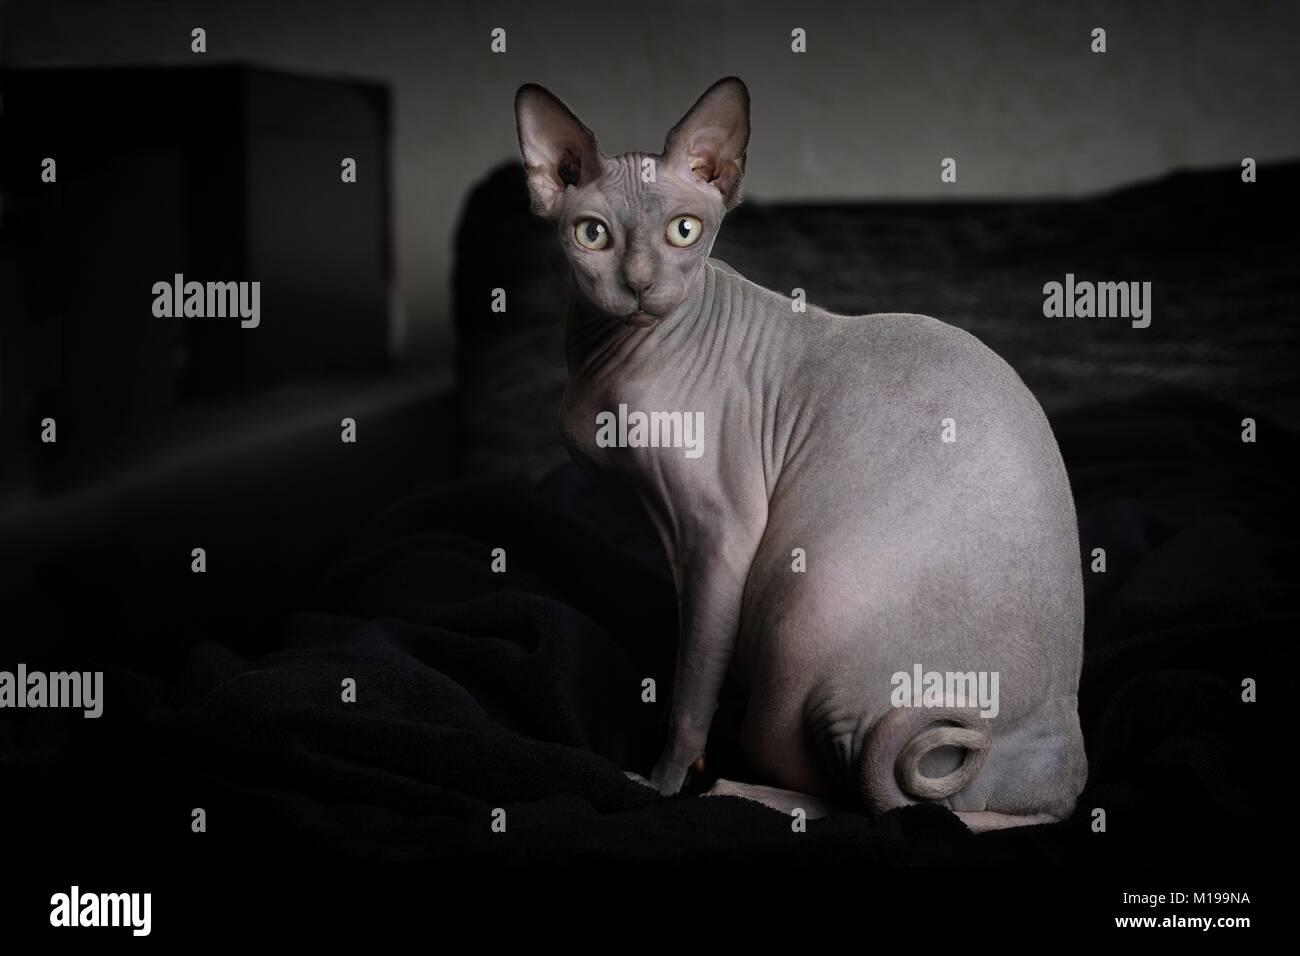 Portrait d'un chat sphynx gris en environnement domestique Photo Stock